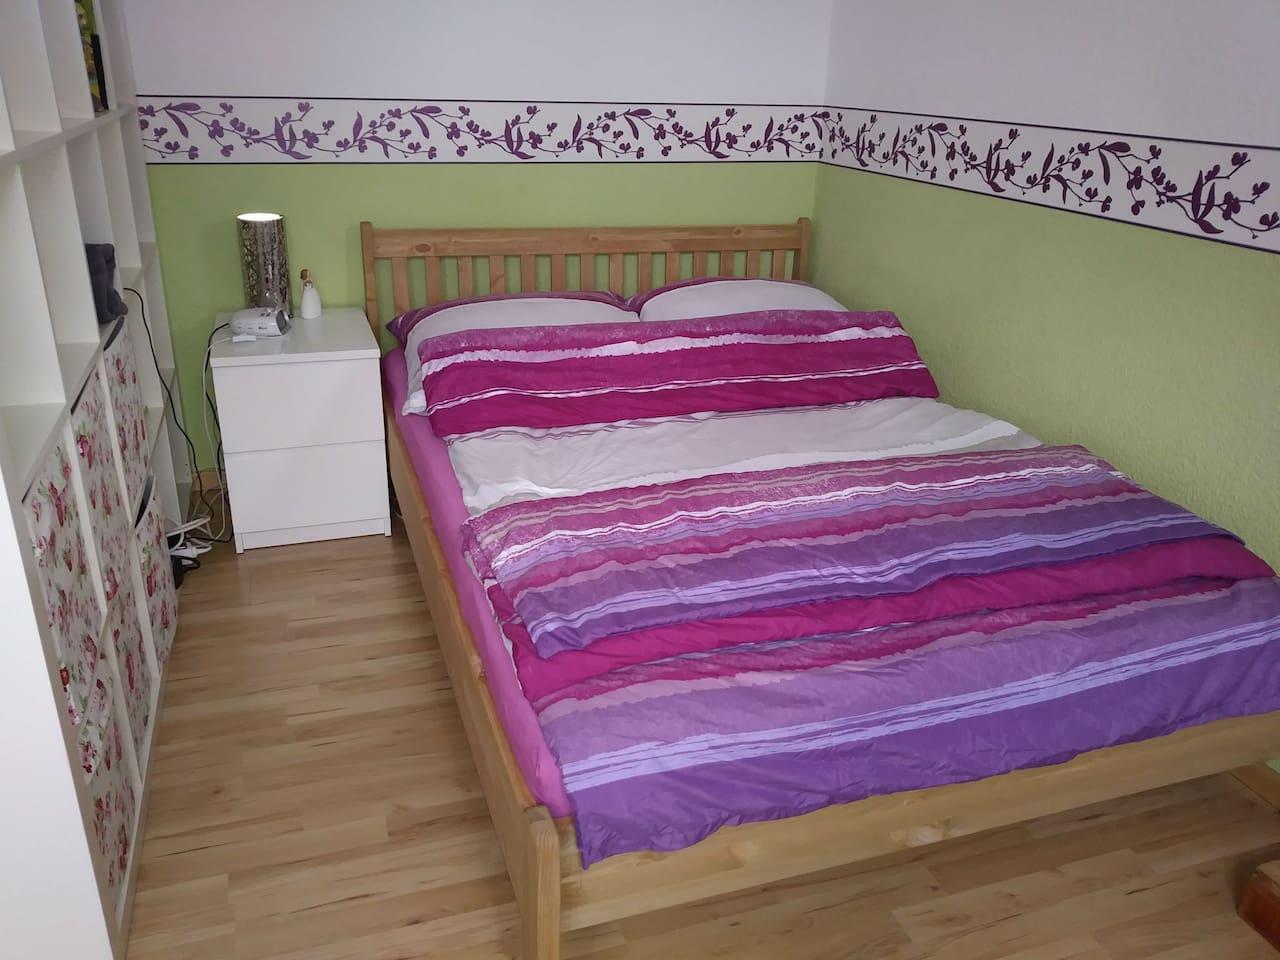 Euer Bett 140x200 mit super Matratze